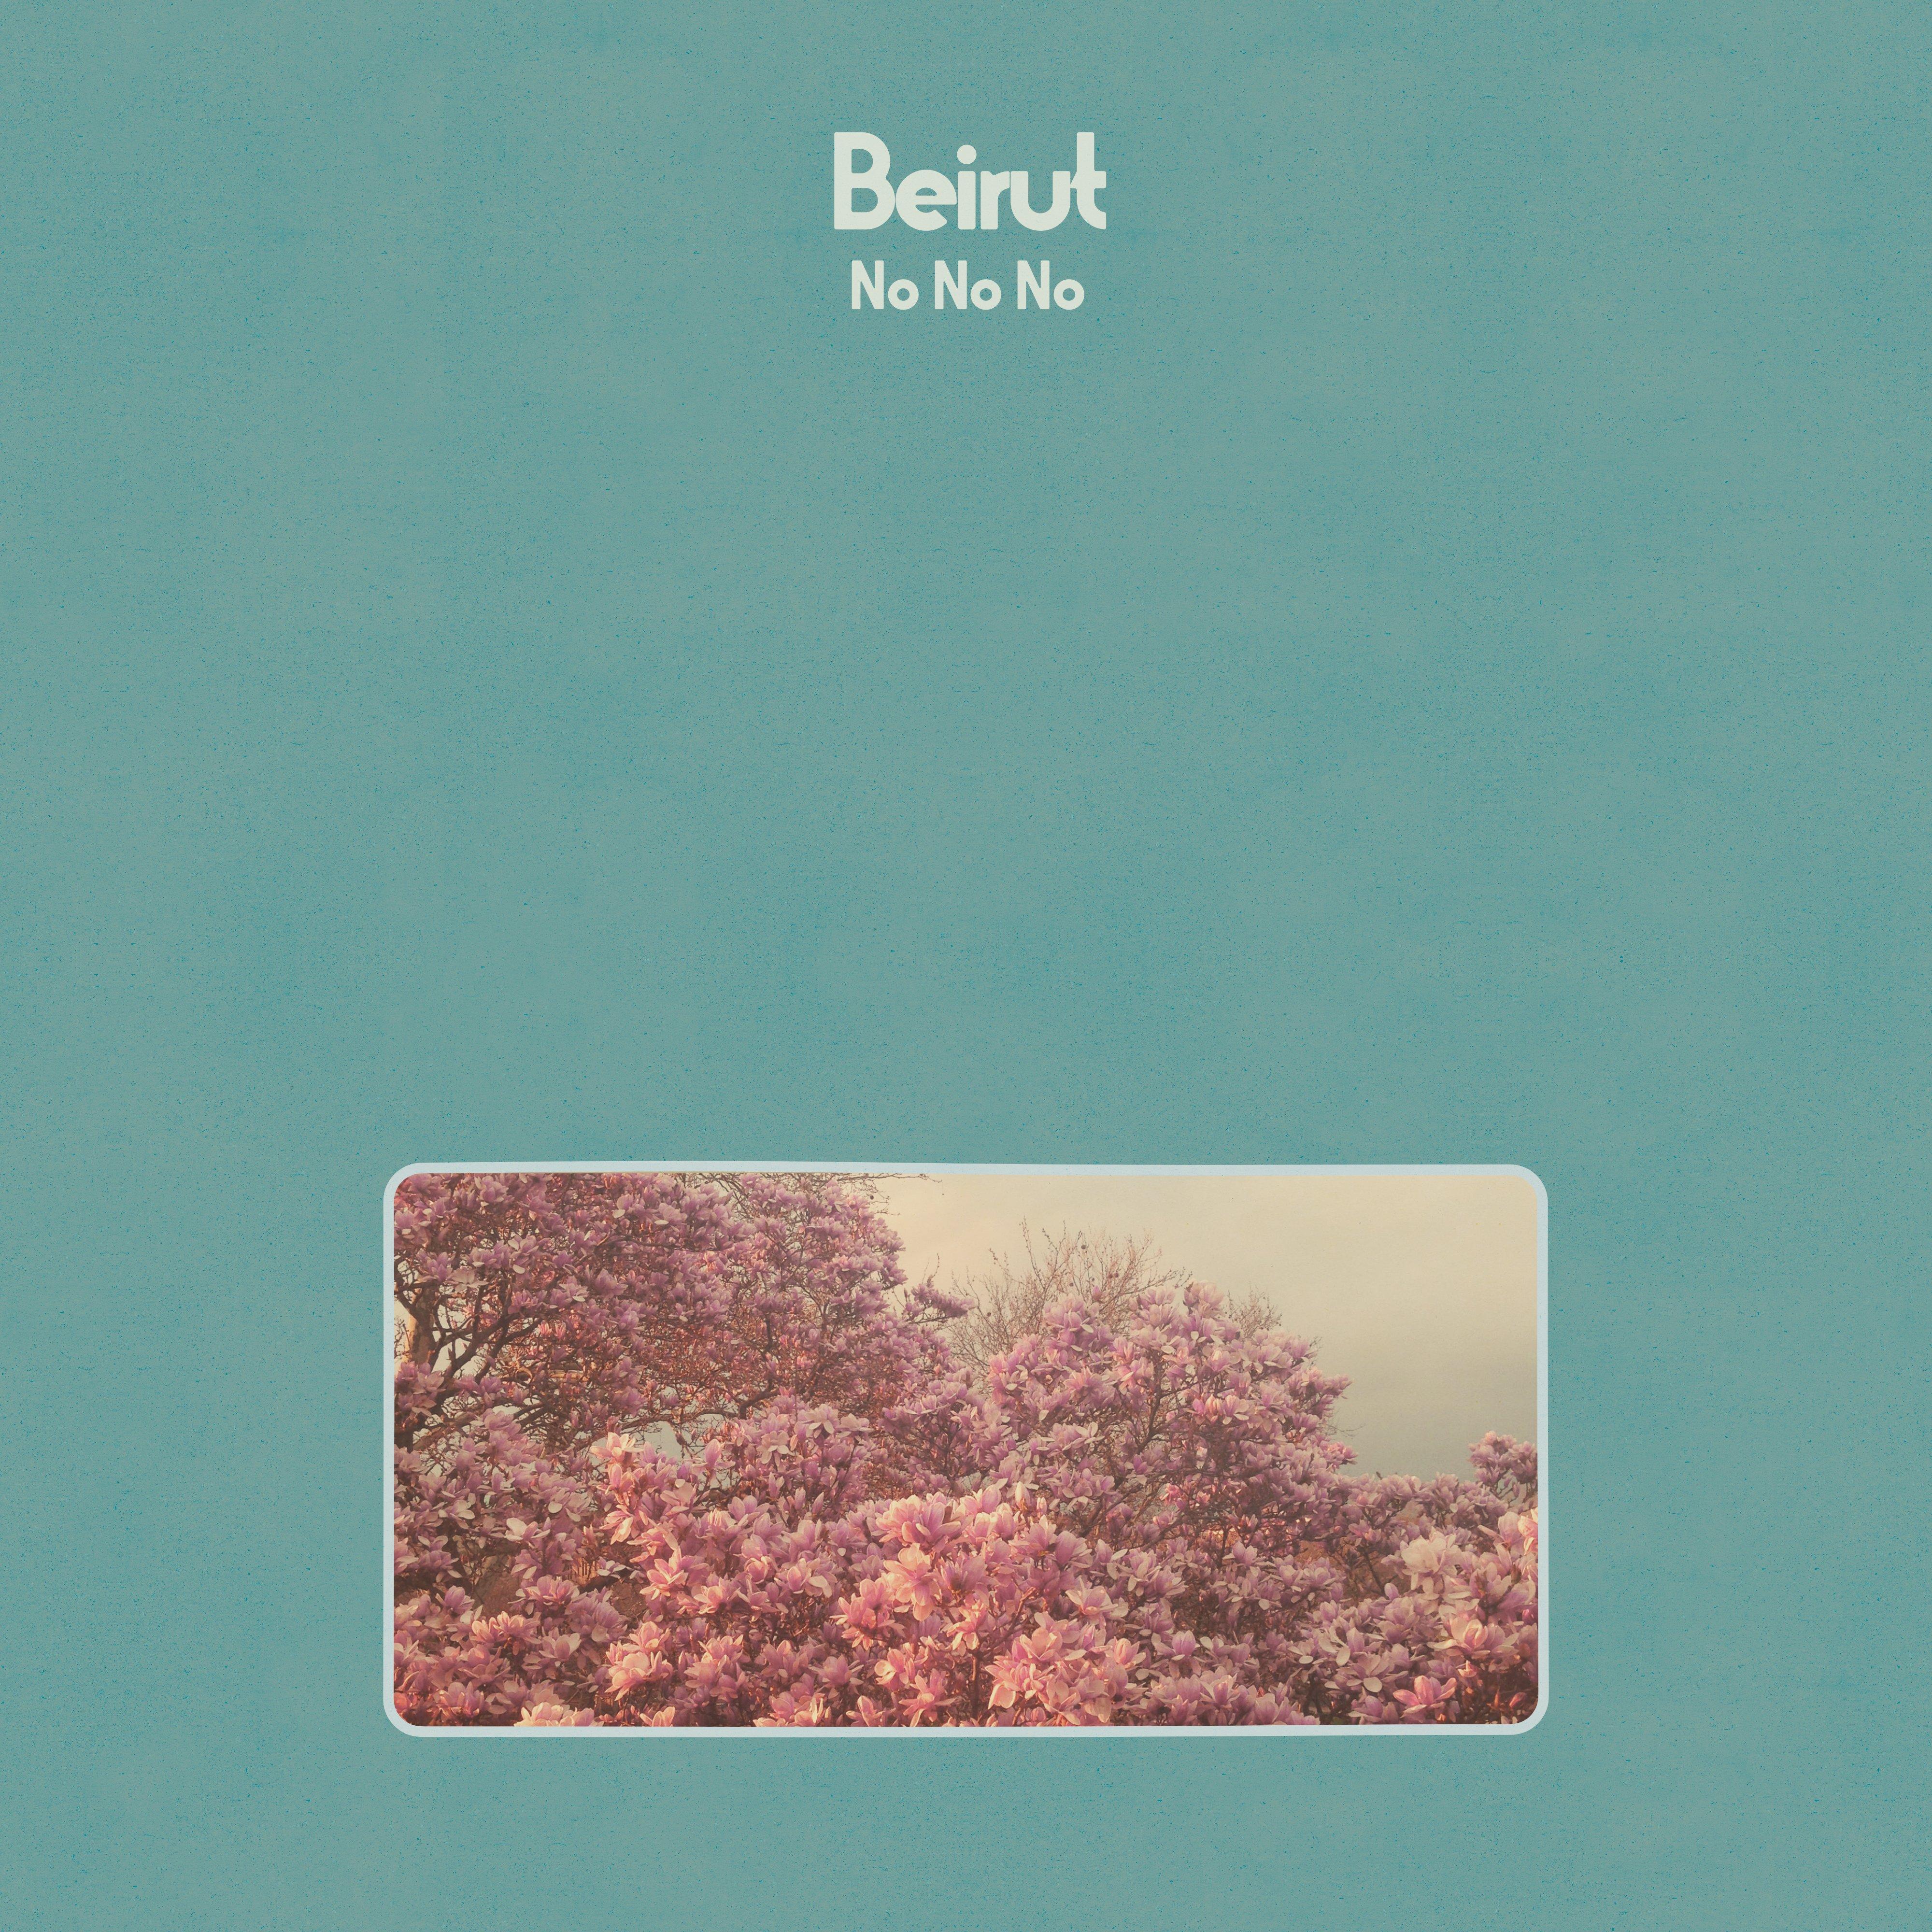 Beirut no no no